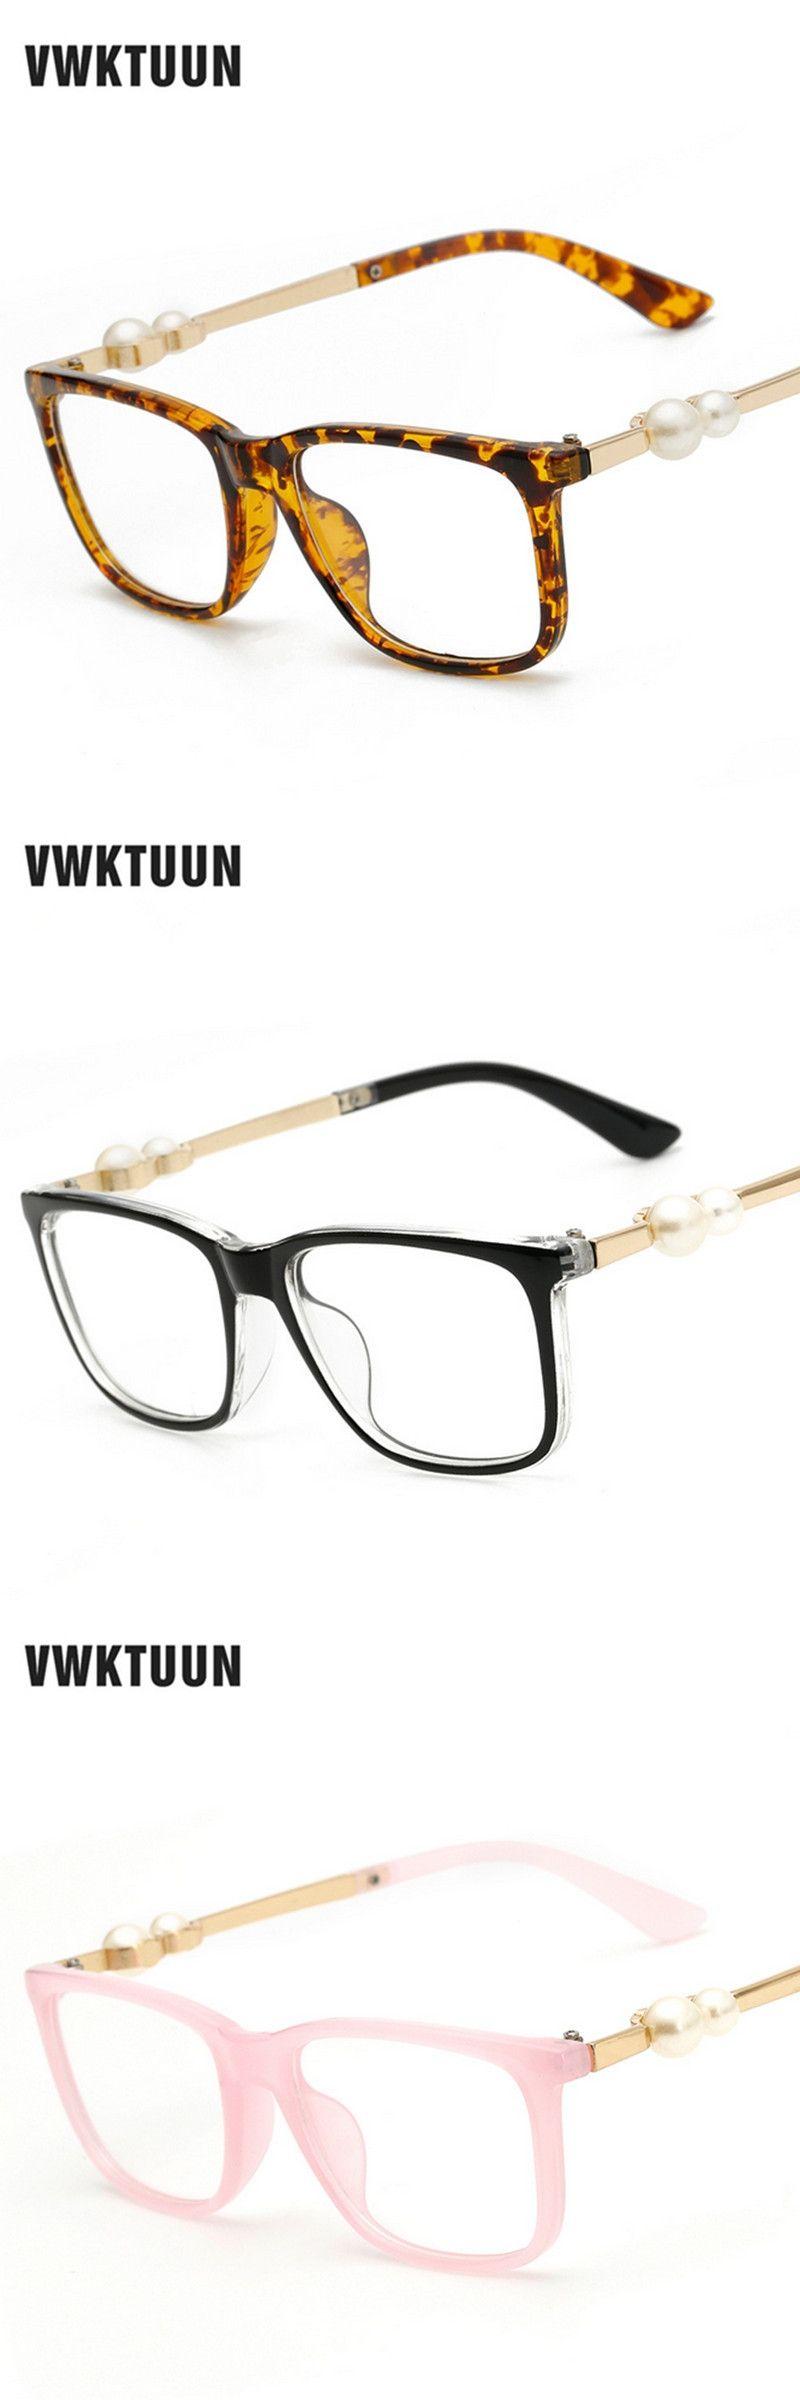 VWKTUUN Eyeglasses Women Eye glasses Frame Men Spectacle Frame ...